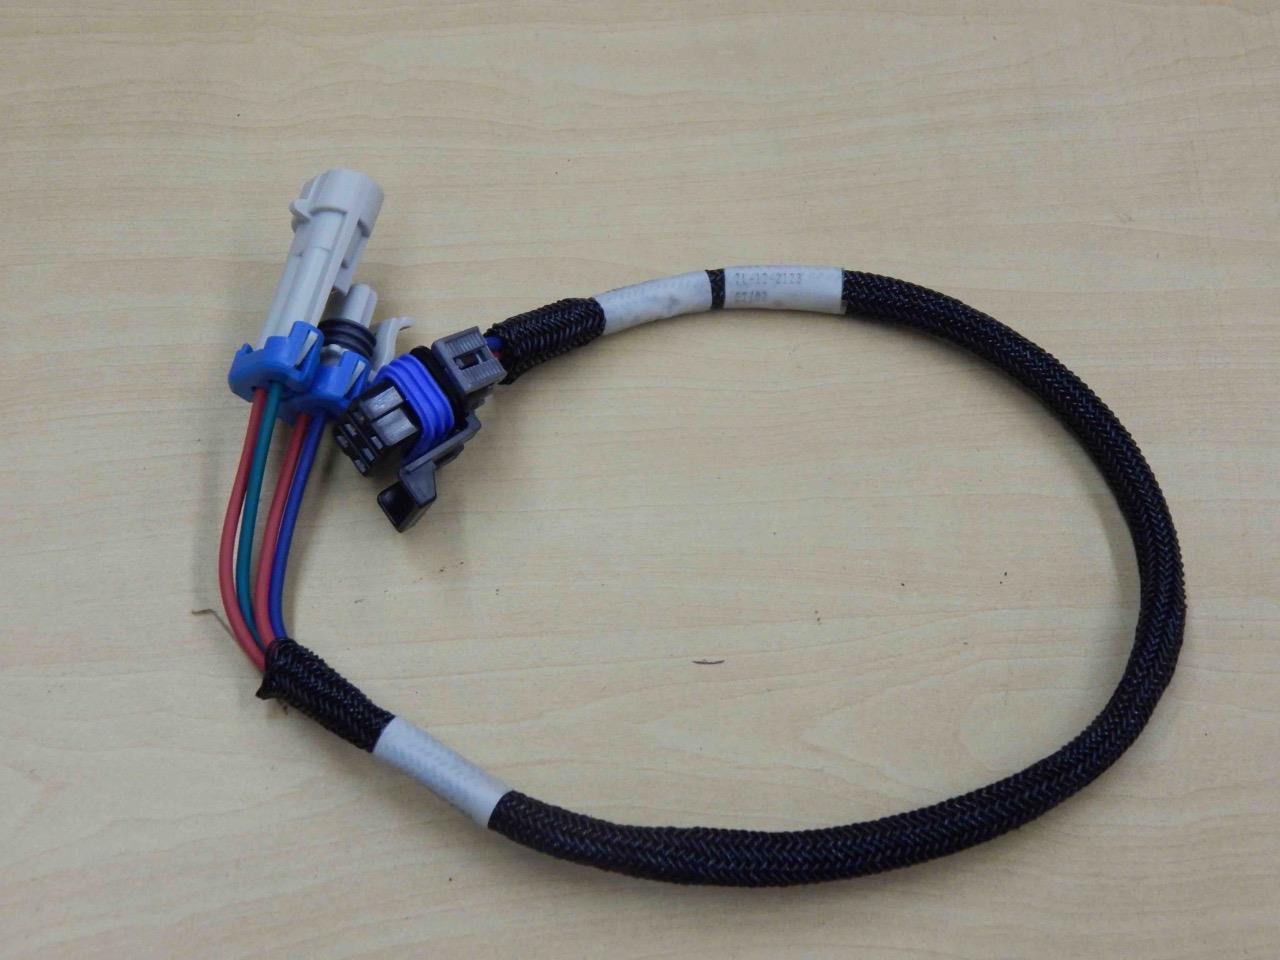 101 Motor Wiring Harness 7L-12-2123 E-007-048 Rev F >NEW – MC-Sales, llc